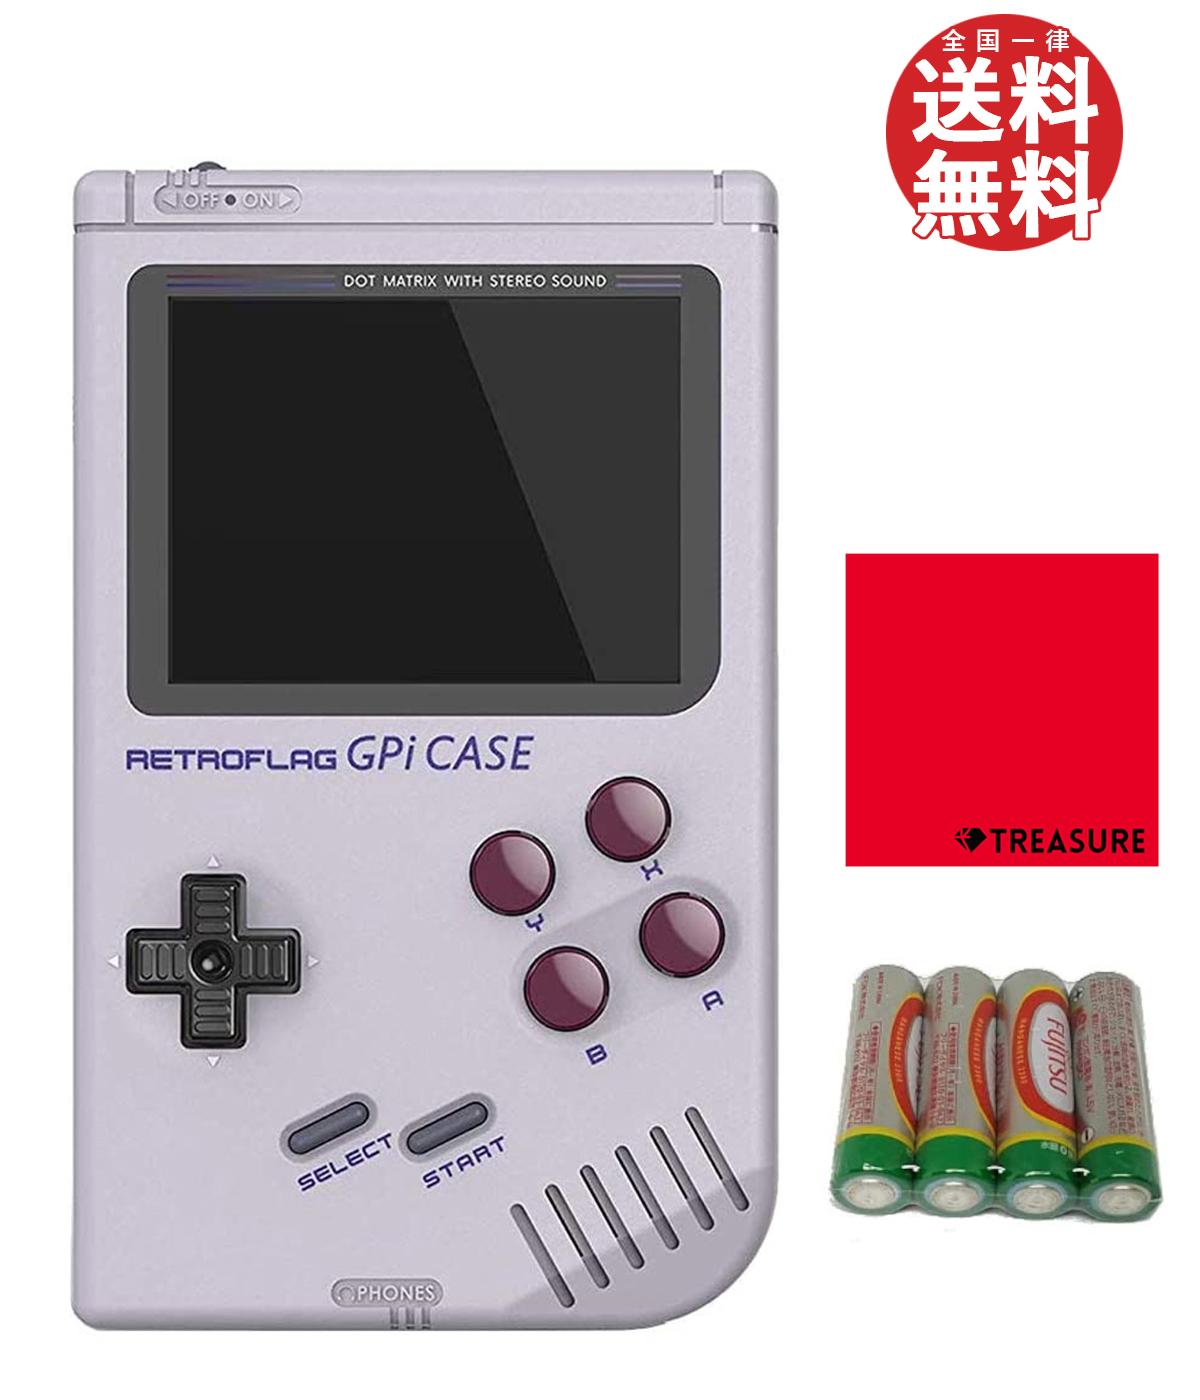 送料無料 エントリーで最大P27倍 9 4 20:00-9 11 1:59 休み 正規品 まとめ買い特価 RETROFLAG レトロフラッグ レトロゲーム風ラズベリーパイケース クロス 4付 単三電池 GPiケース W Pi セミケース GPi Zero Raspberry Case